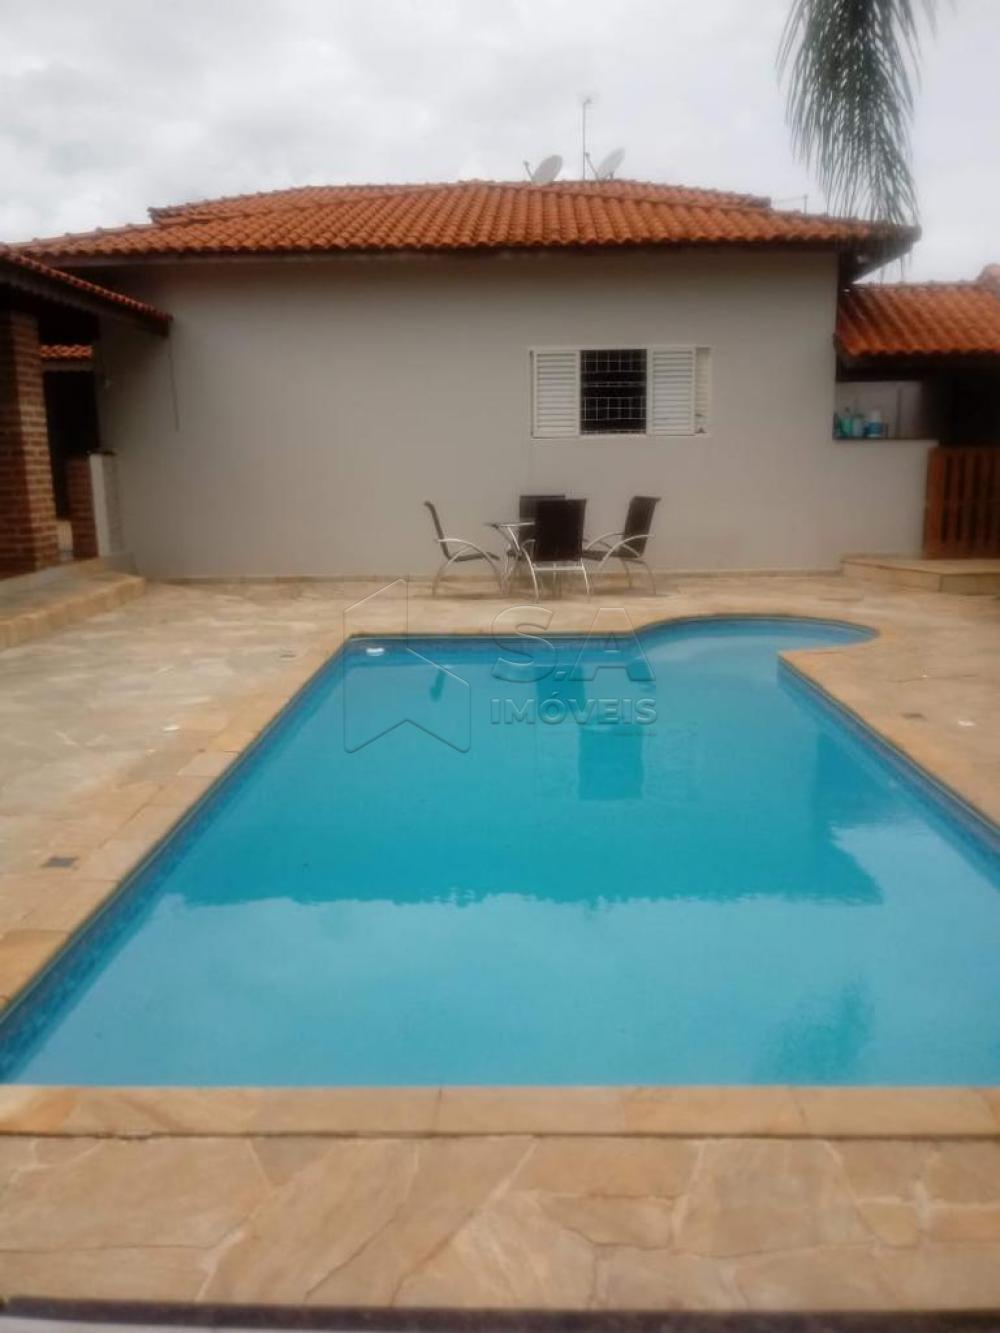 Comprar Casa / Padrão em Botucatu apenas R$ 470.000,00 - Foto 10